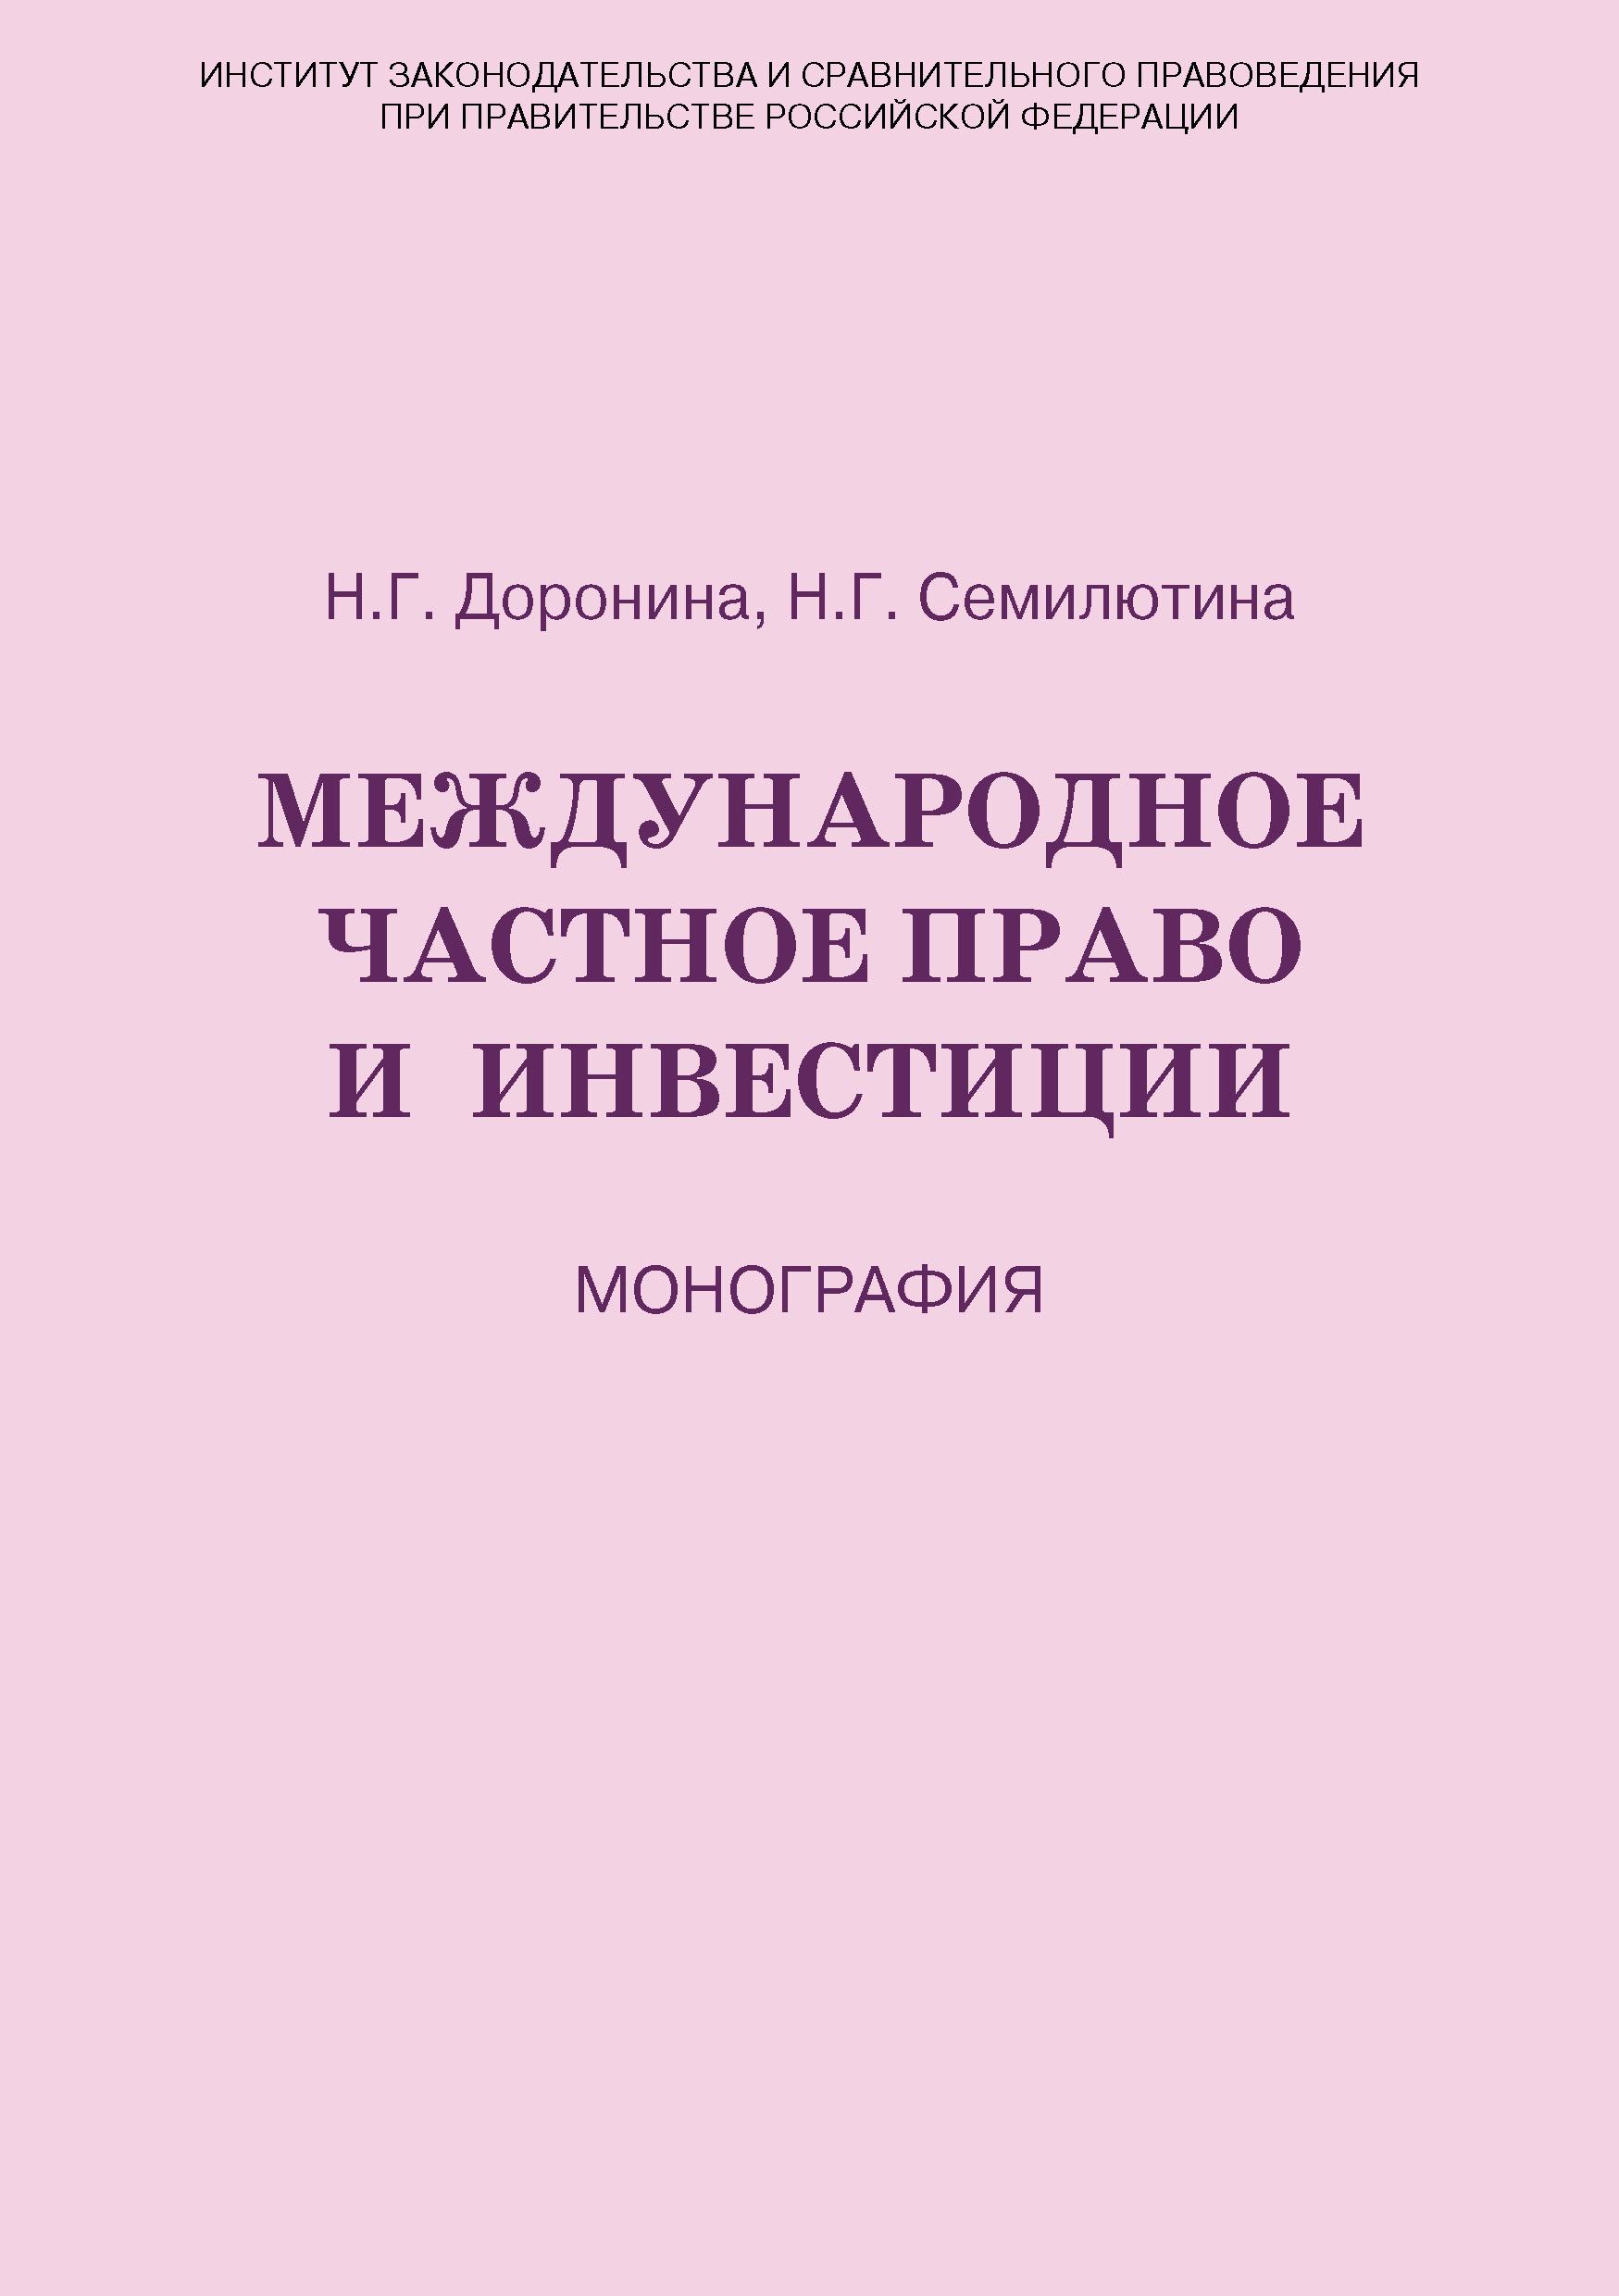 фото обложки издания Международное частное право и инвестиции